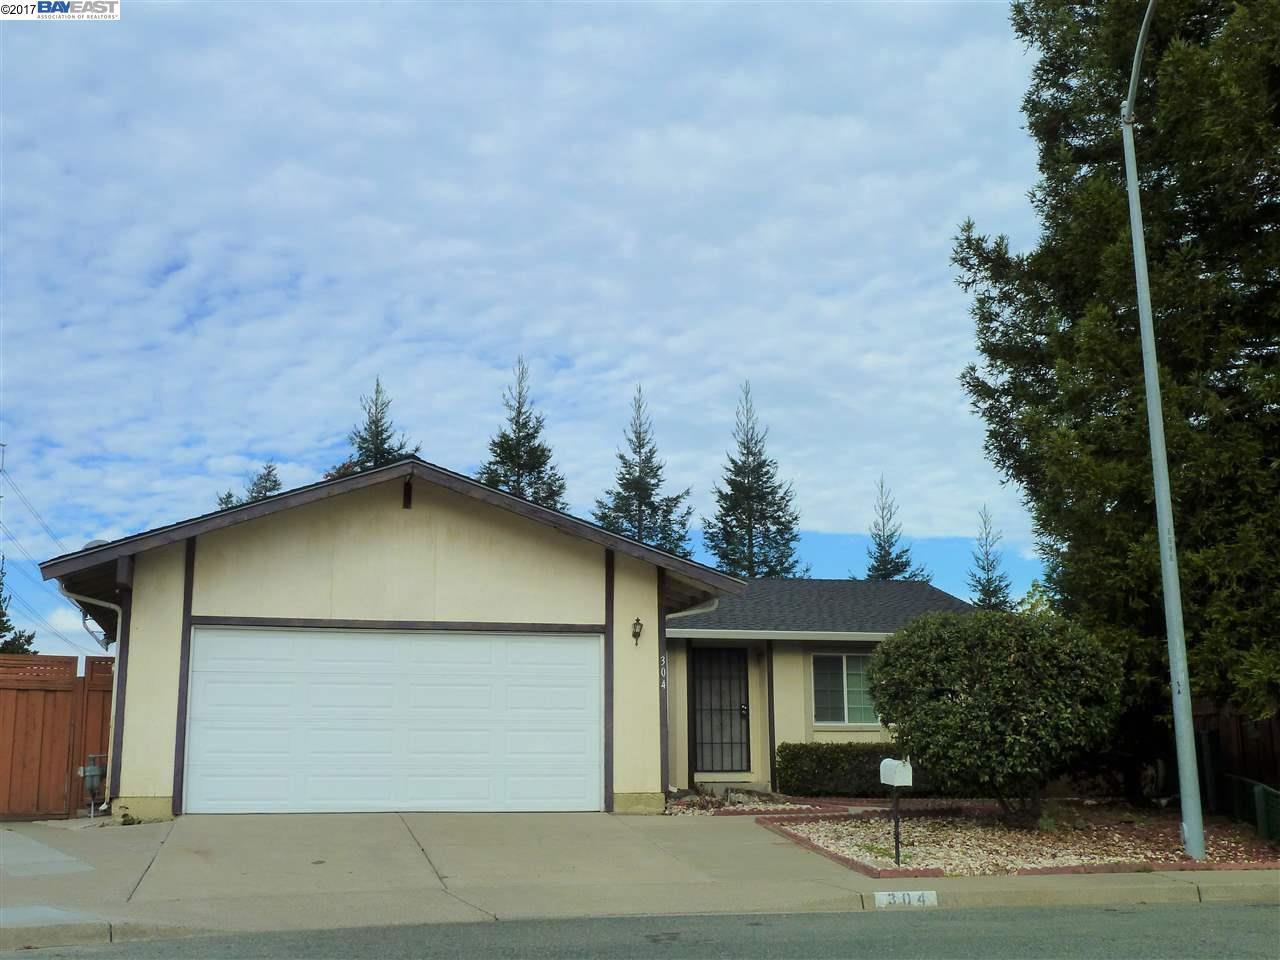 واحد منزل الأسرة للـ Rent في 304 Klamath Court 304 Klamath Court Martinez, California 94553 United States